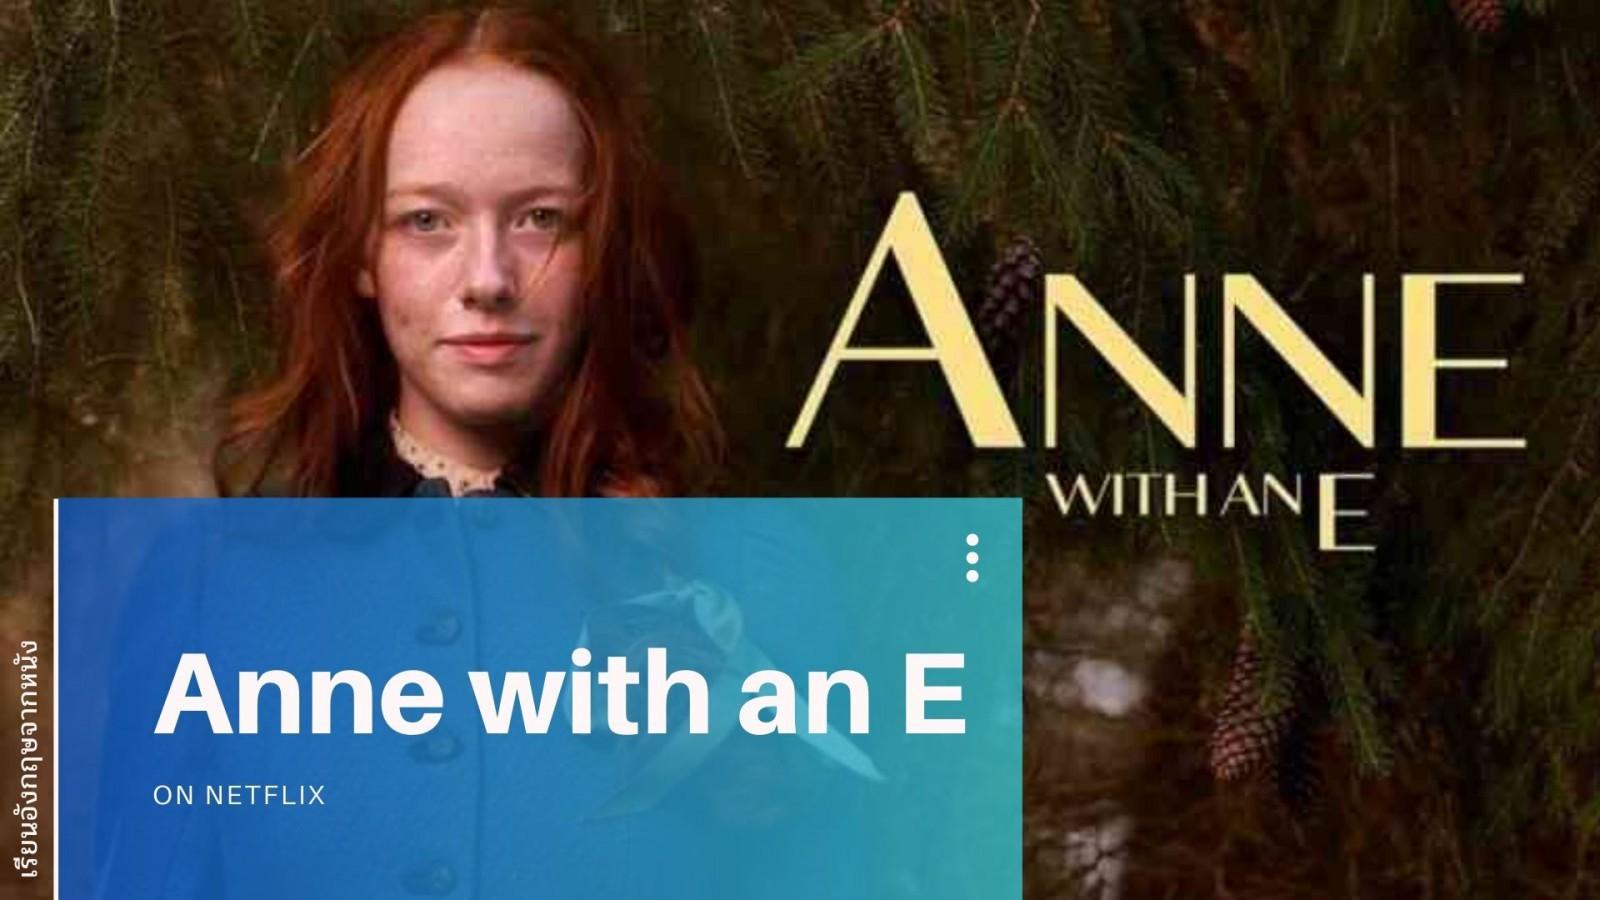 ซีรีย์ Anne with an E บน Netflix